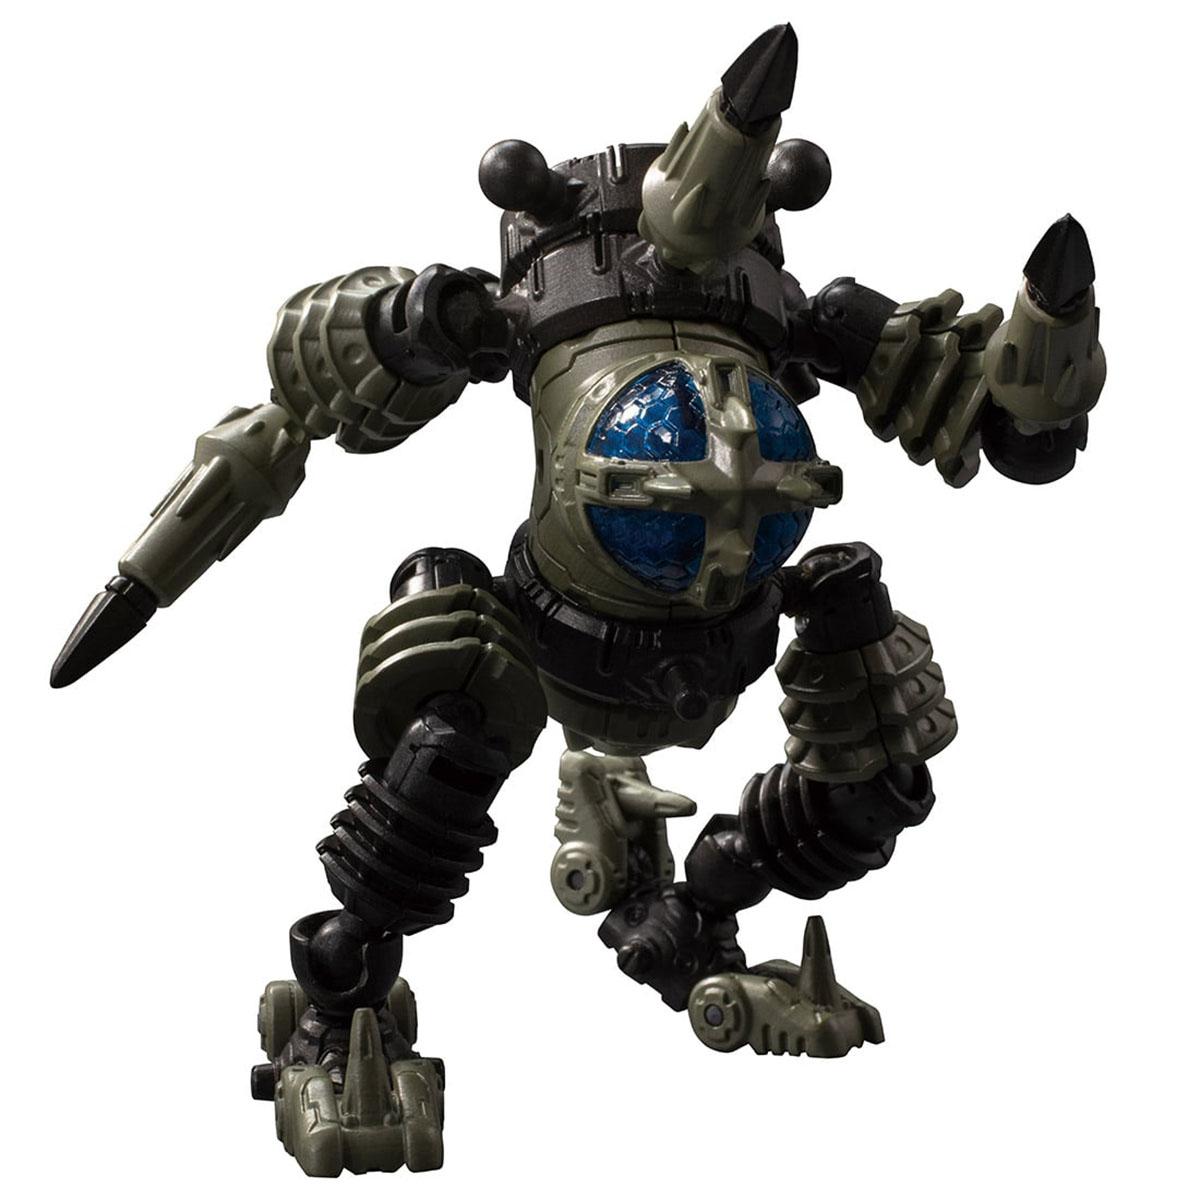 ダイアクロン『DA-38 ワルダレイダー〈バグヘッド〉』可動フィギュア-008